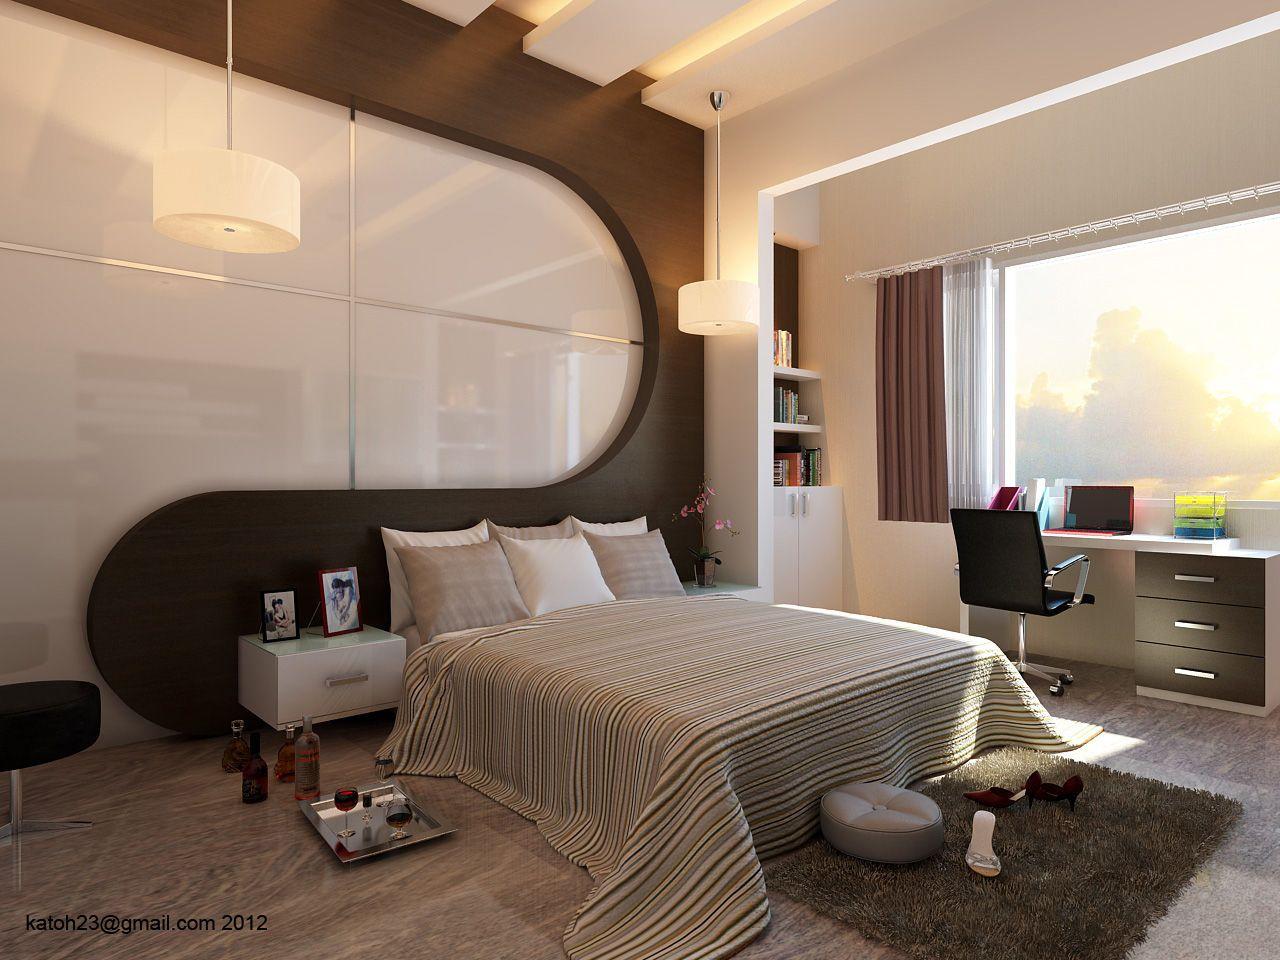 Cozyconceptforluxuriousbedroomstylejazzycaalargejpg - 3d view of bedroom design